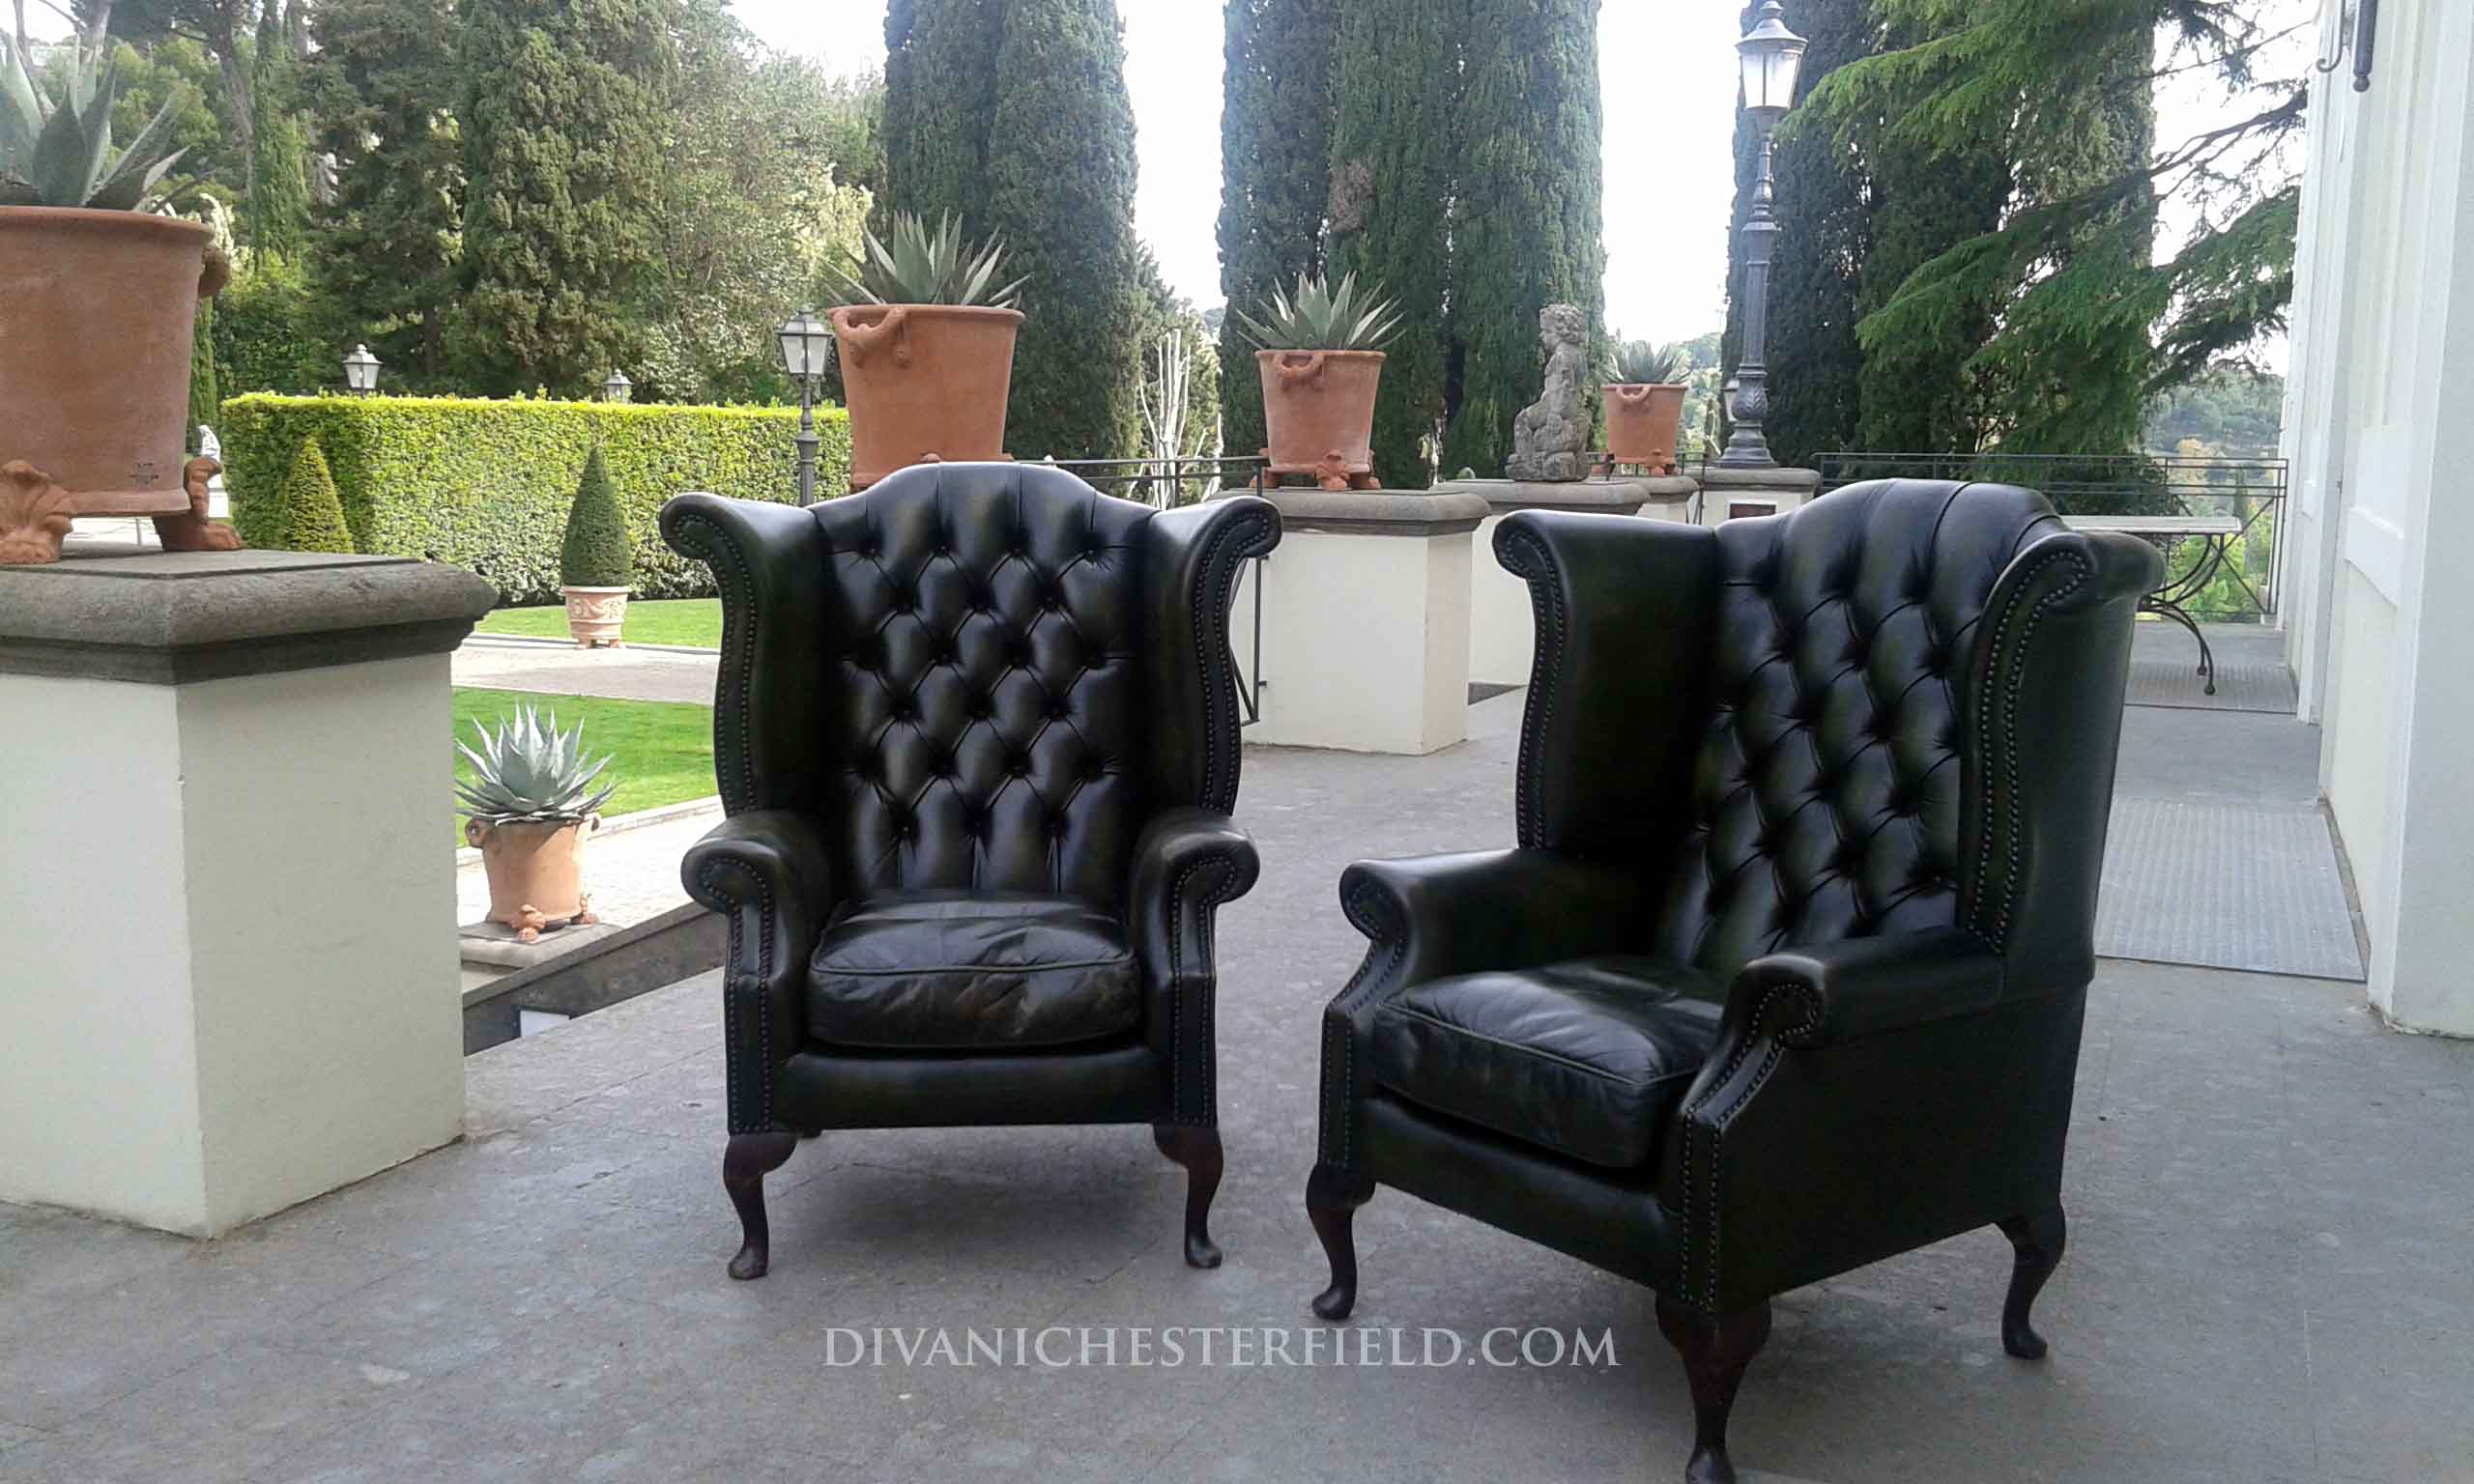 Noleggio affitto potrone chester divani chesterfield eventi for Poltrone per disabili roma